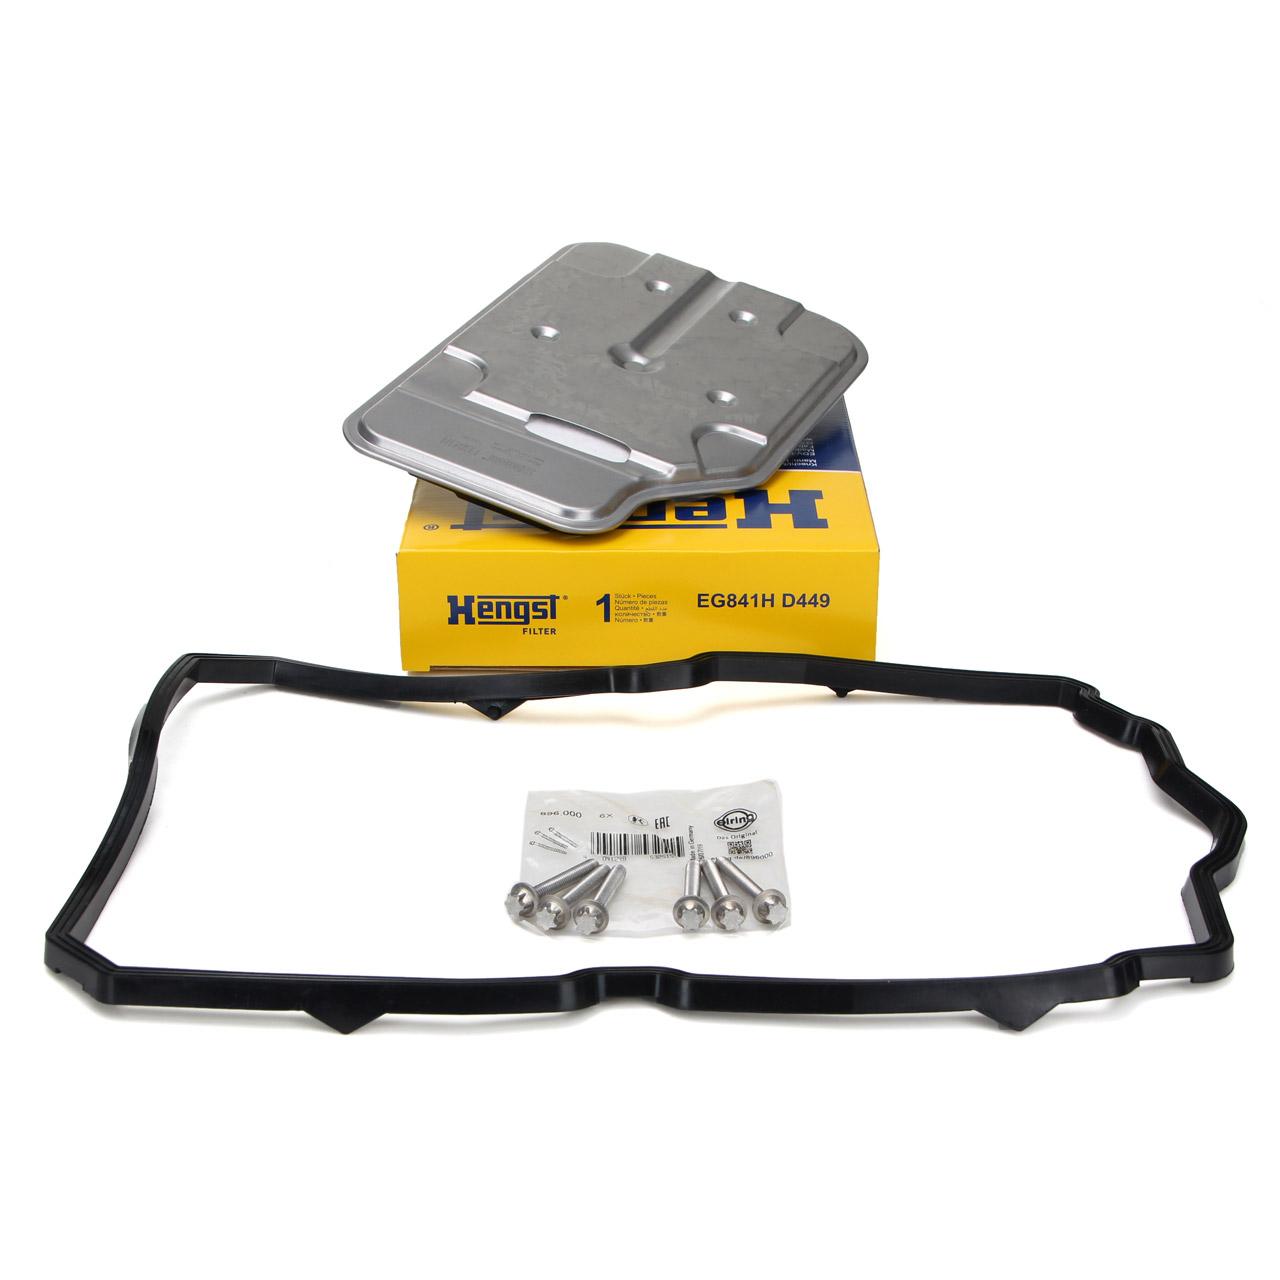 HENGST Getriebefilter + Schrauben 7-Gang 722.9 für MERCEDES C-/E-/G-/M-/S-KLASSE